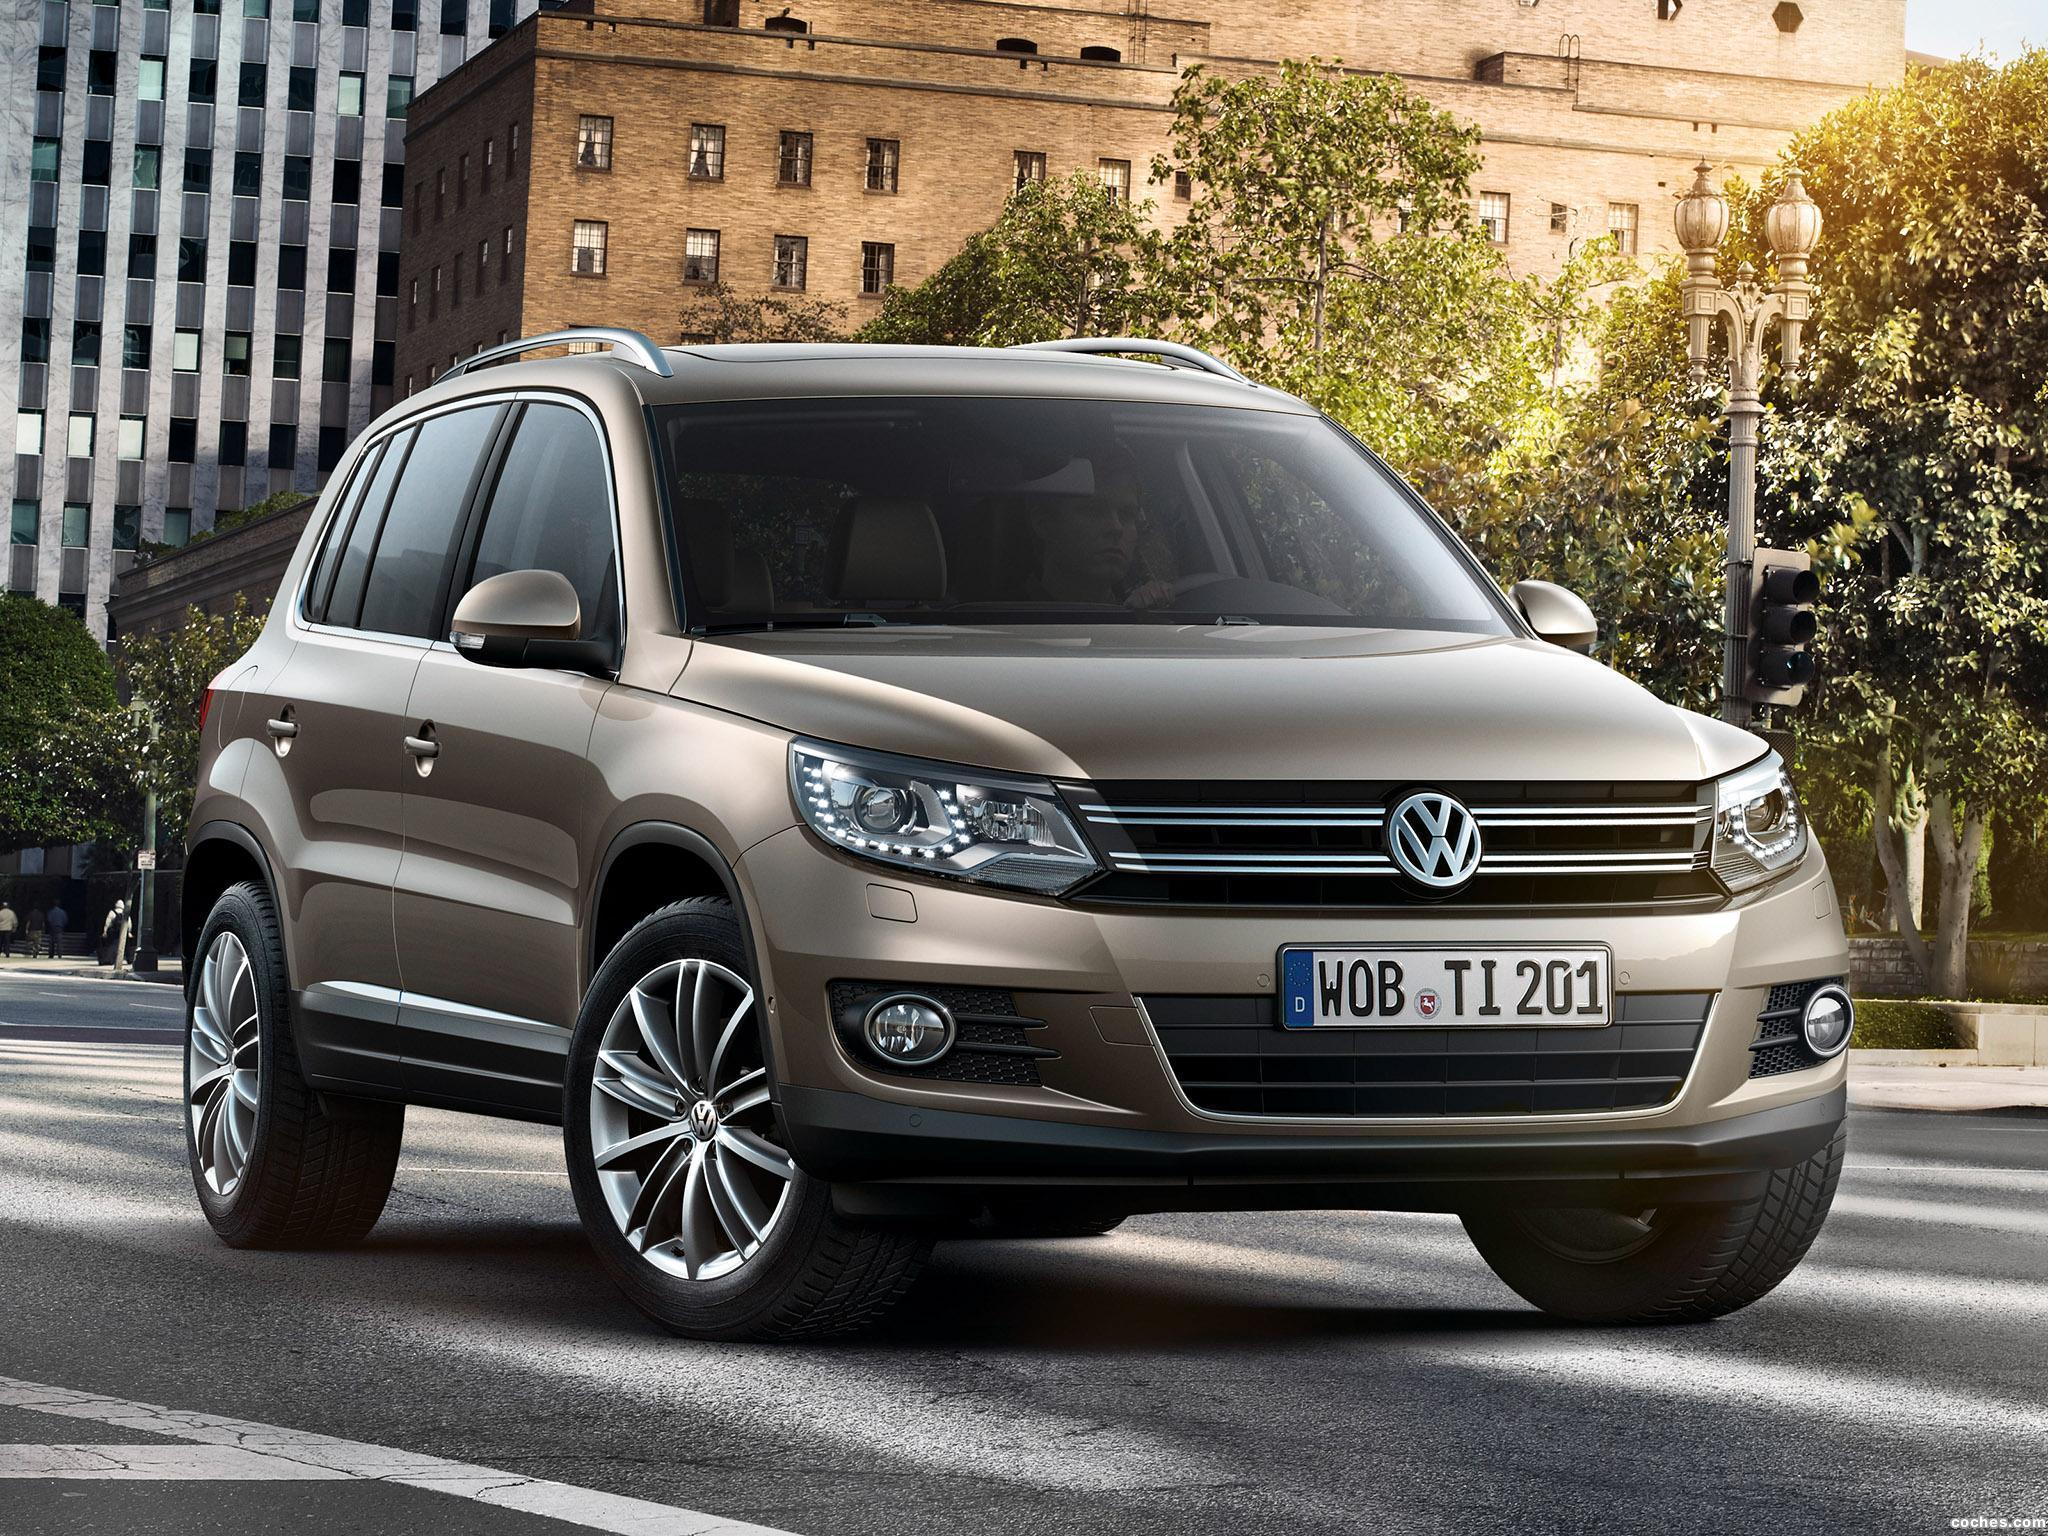 Foto 0 de Volkswagen Tiguan 2011